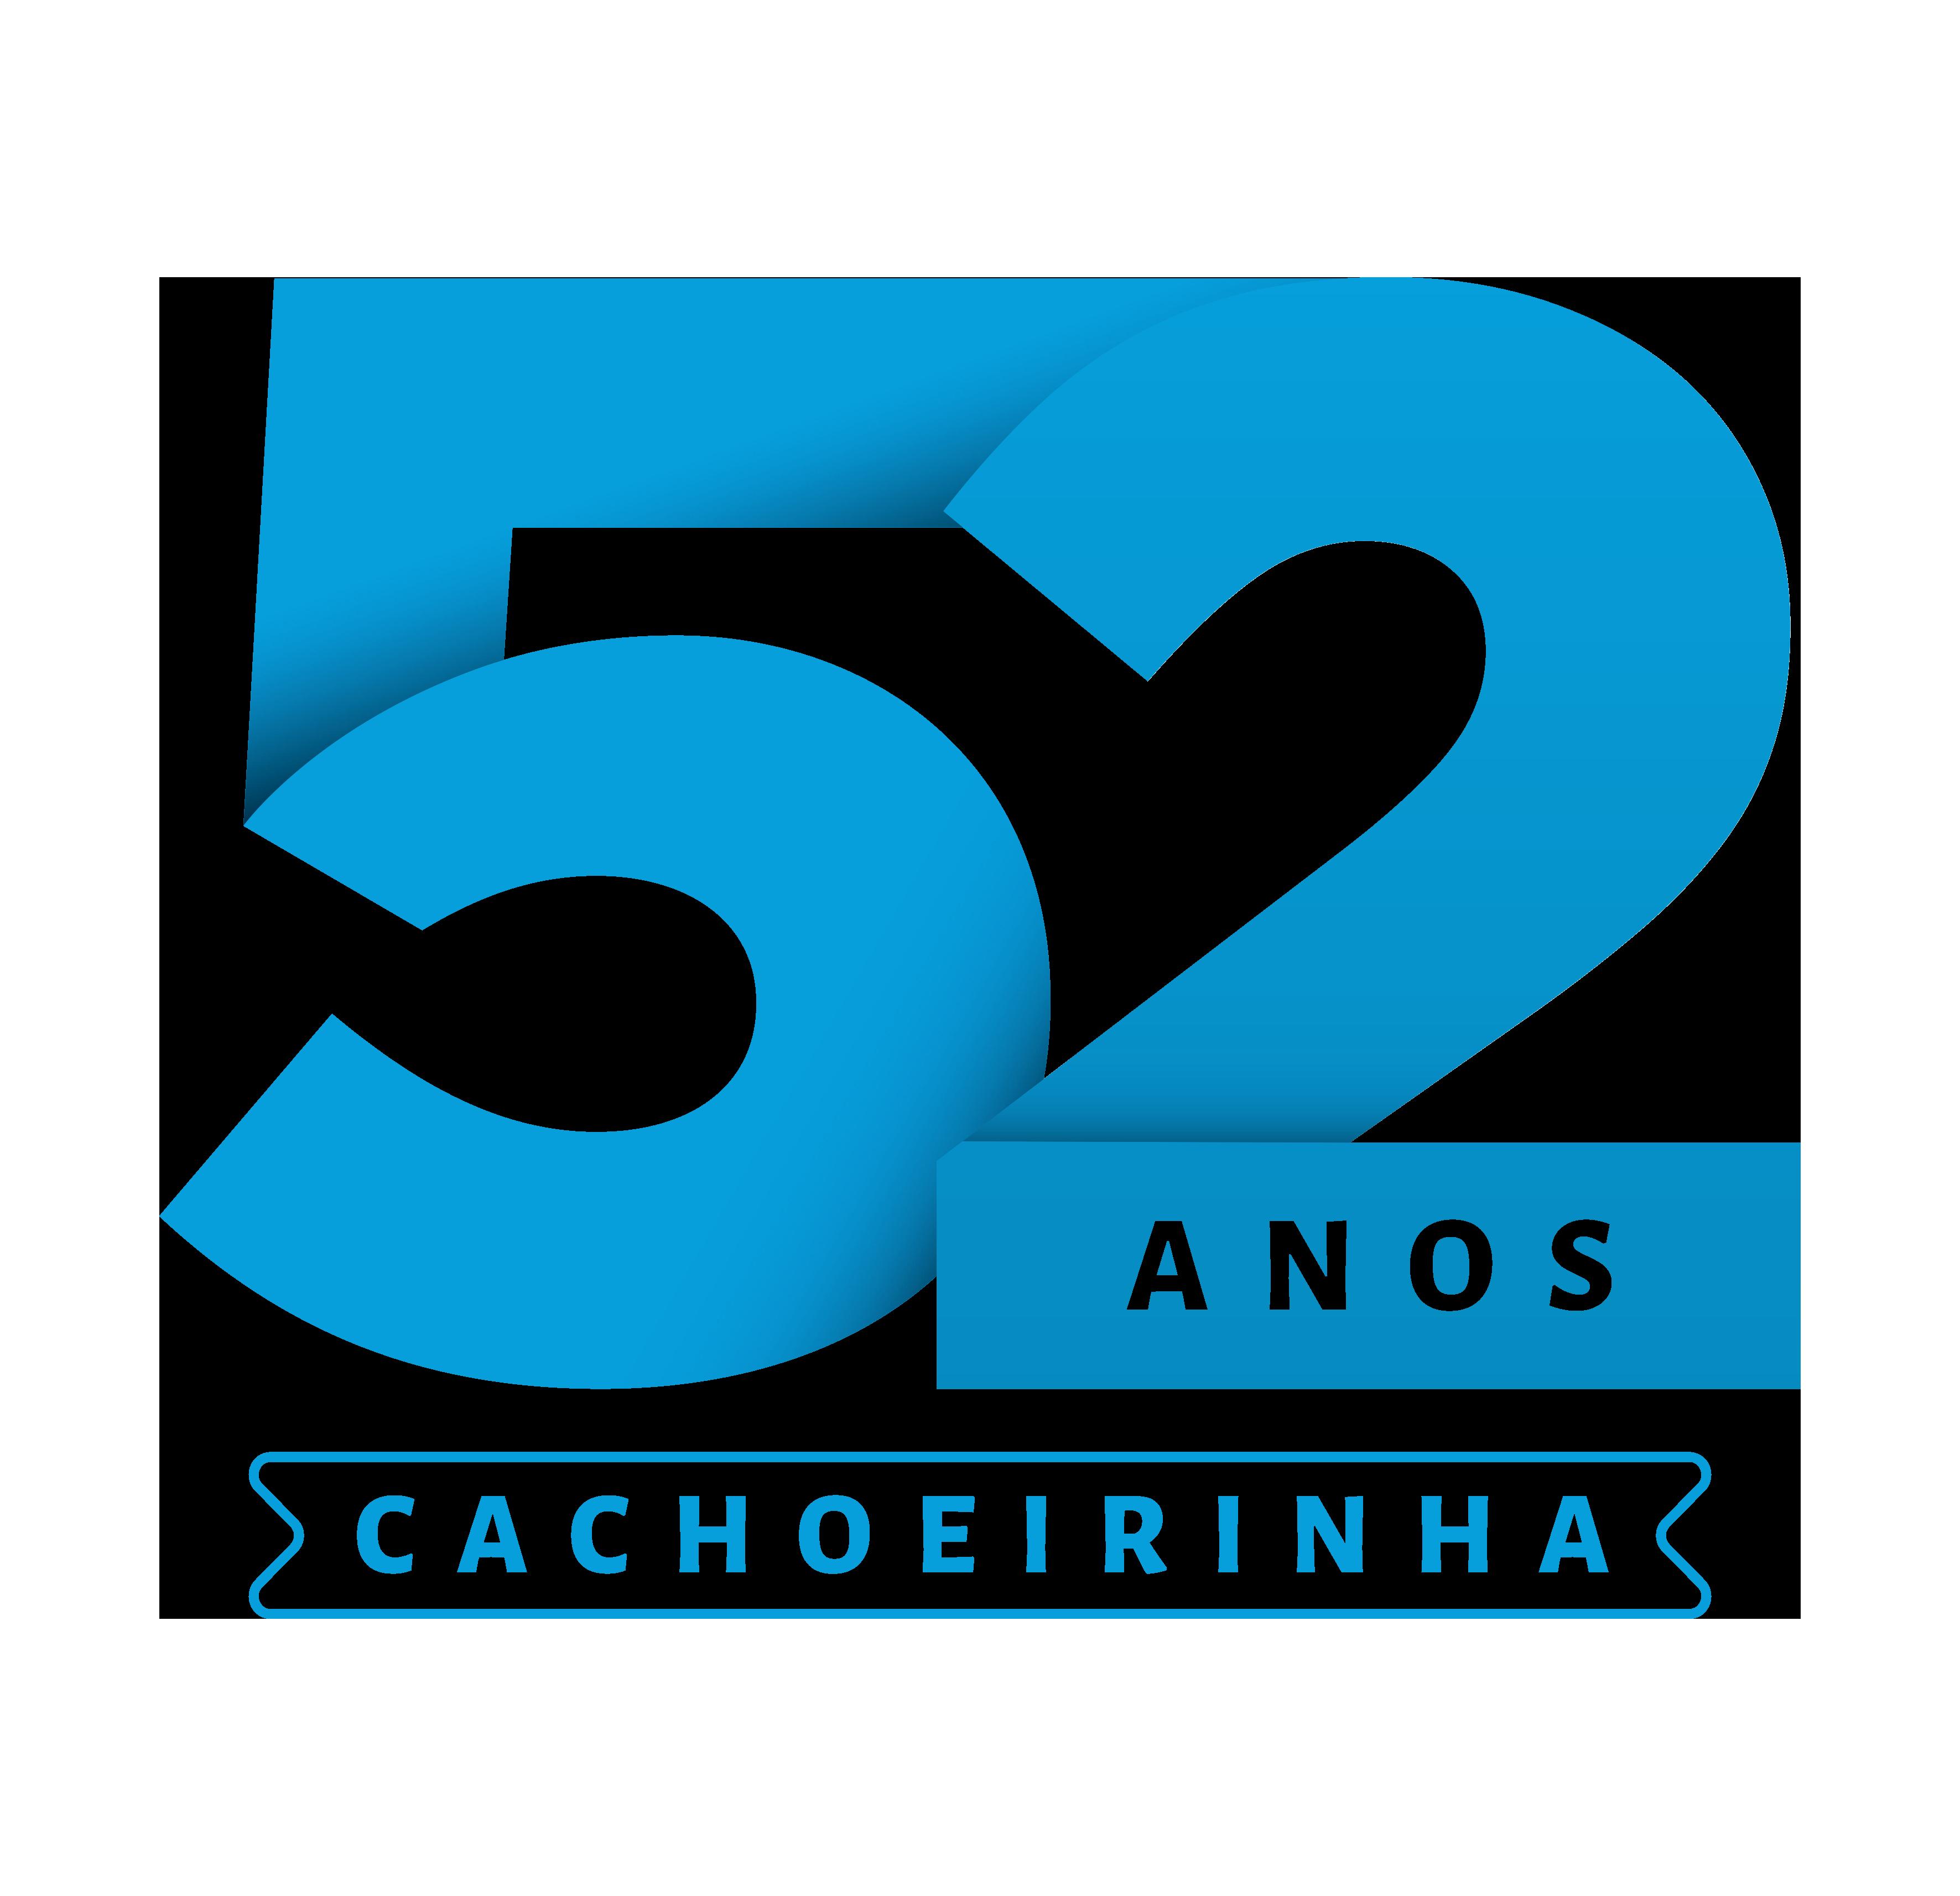 52 anos de Cachoeirinha